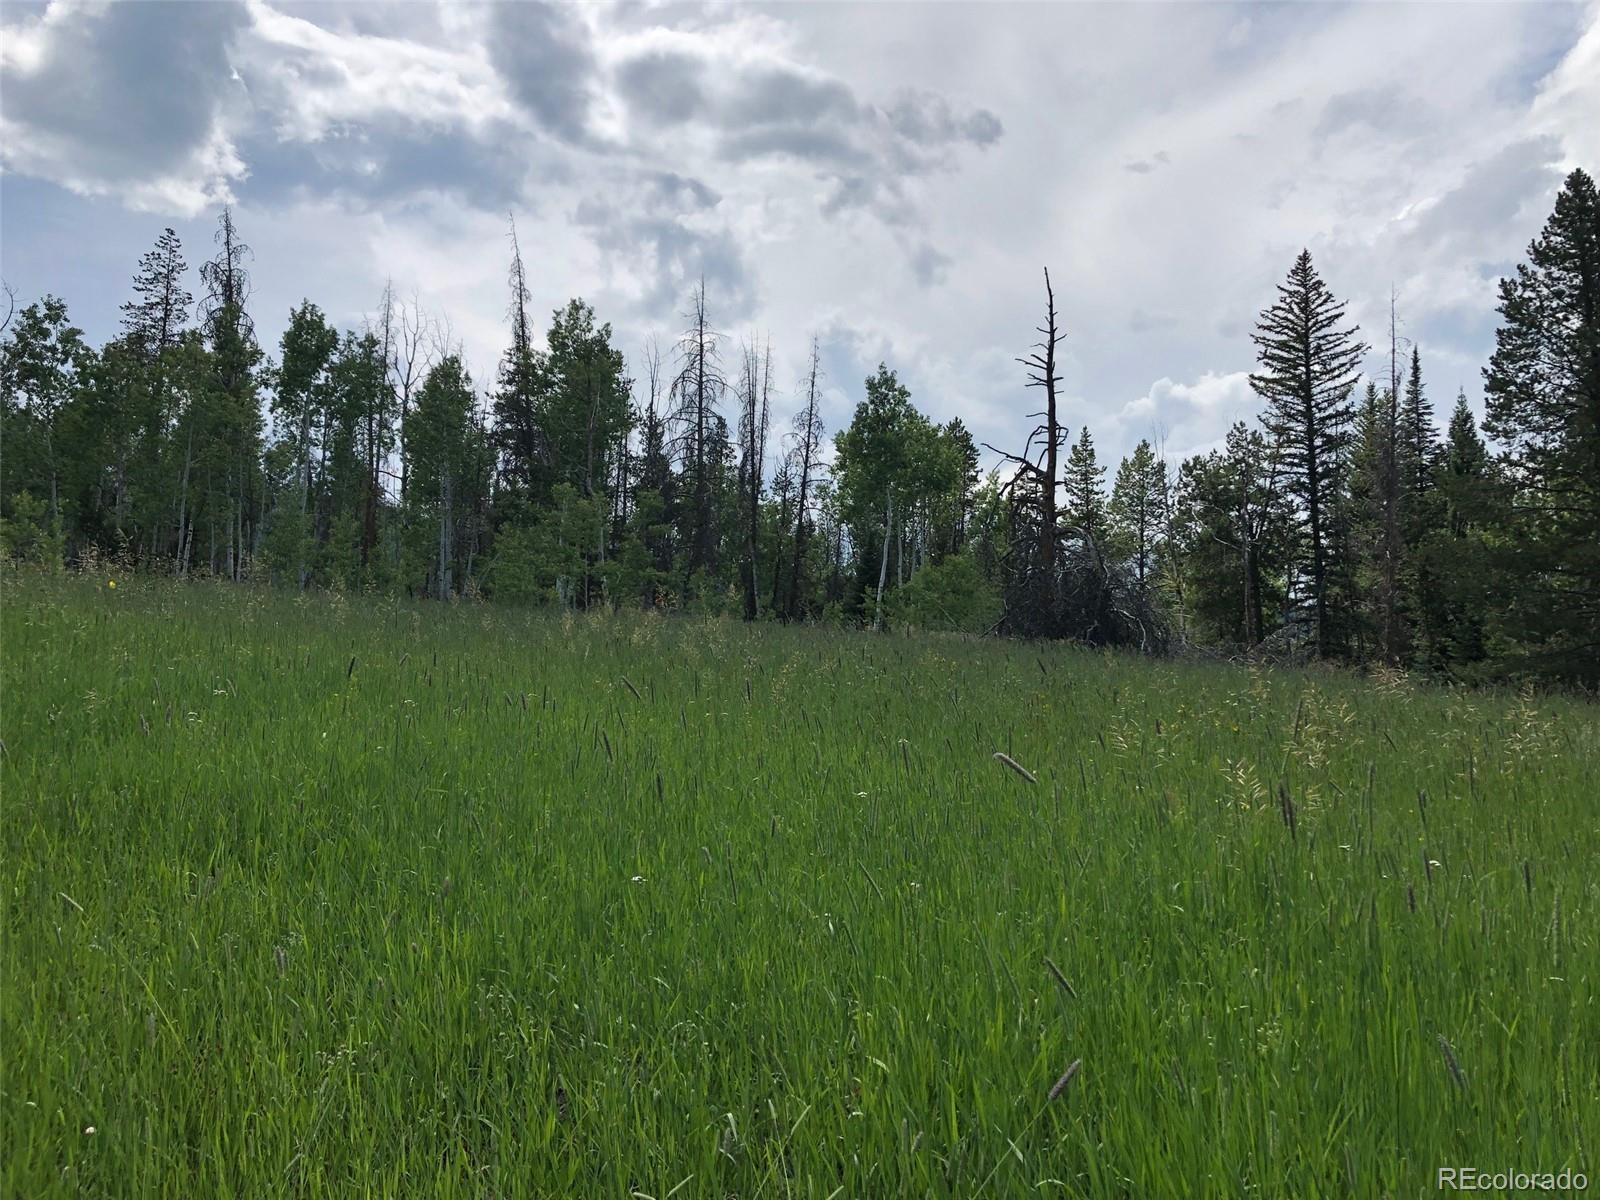 MLS# 8768882 - 1 - 01 Halter Trail, Oak Creek, CO 80467